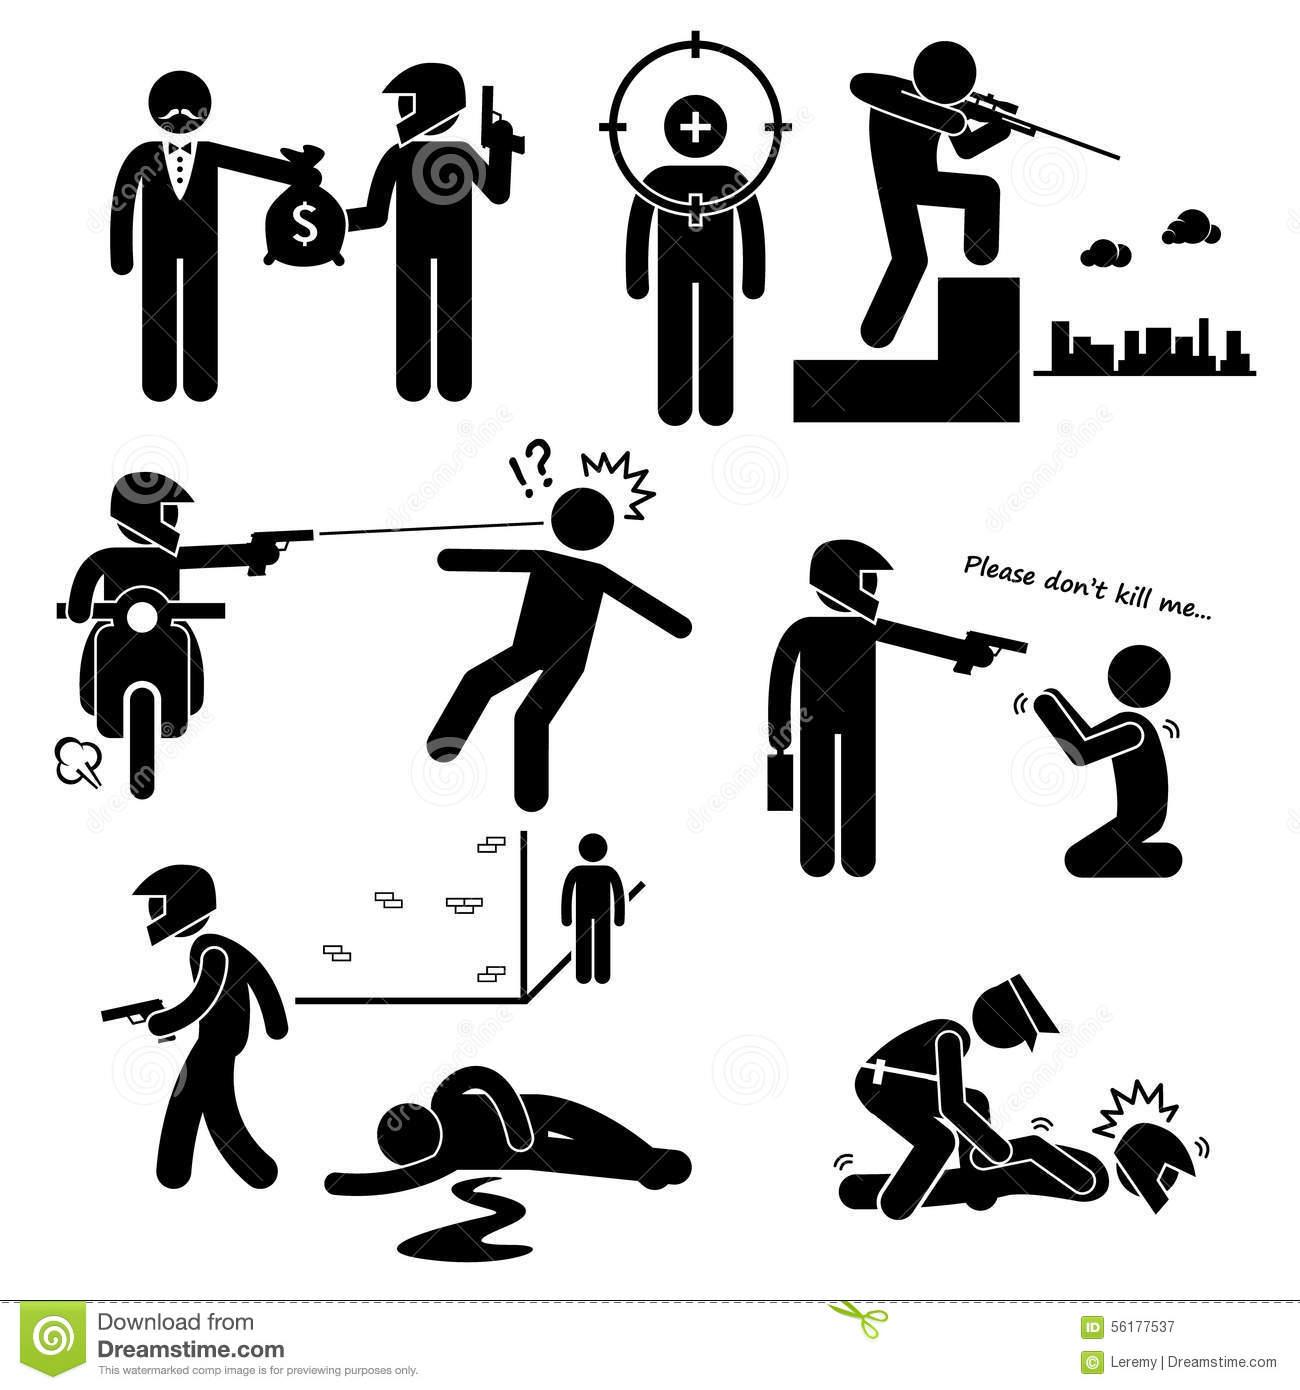 Murderer clip art